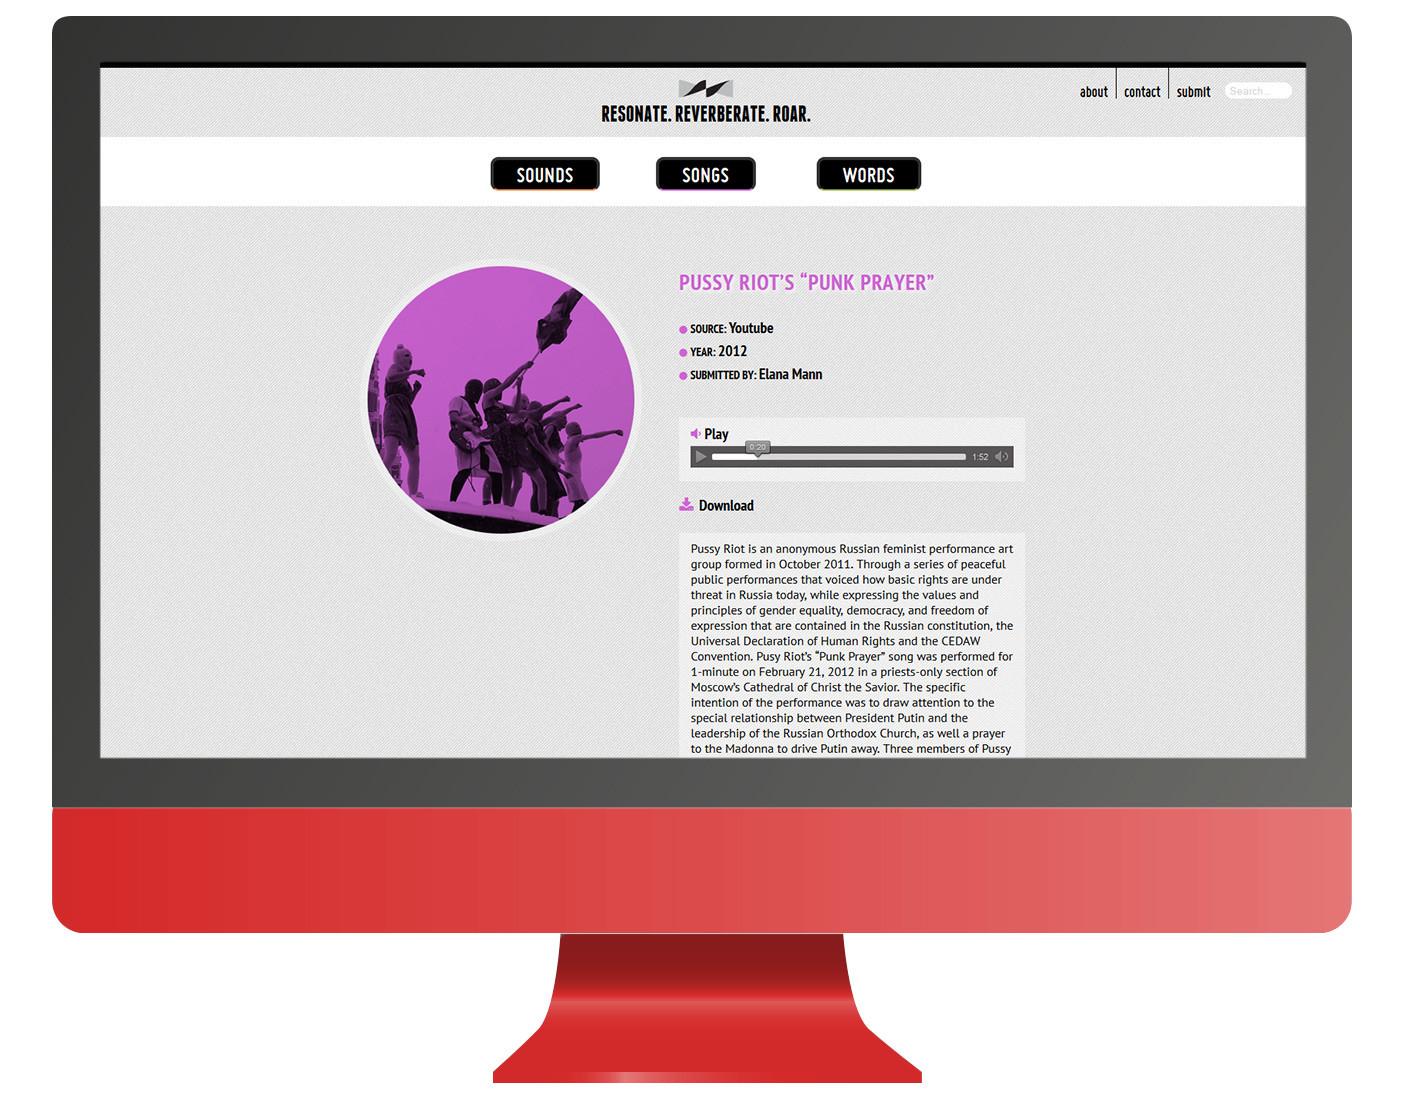 Resonate-Reverberate-Roar (Re-Re-Roar) website   Roman Jaster